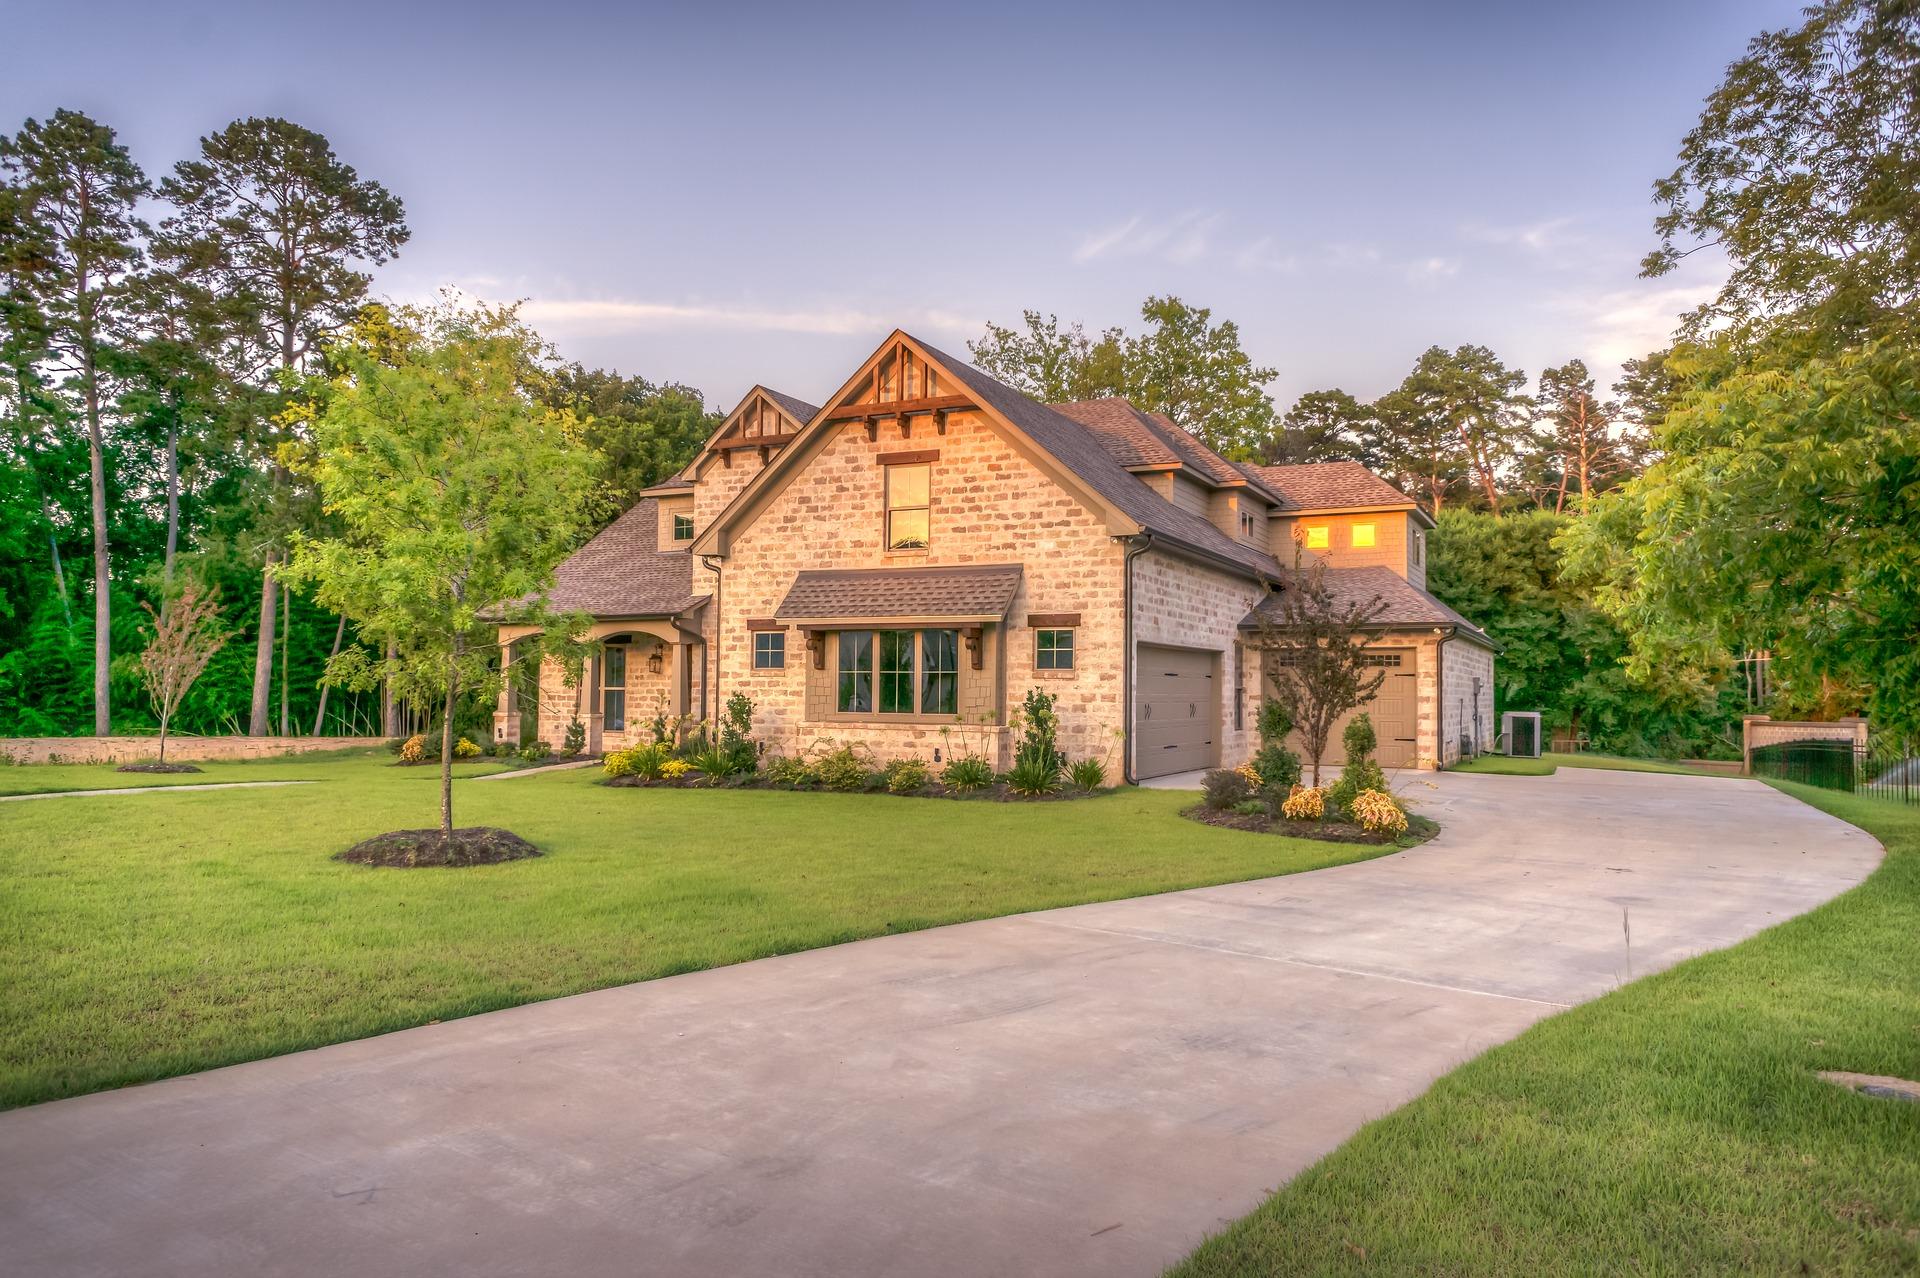 imagenes-de-fachadas-de-casas-pequenas-tradicionales-en-ee-u-10